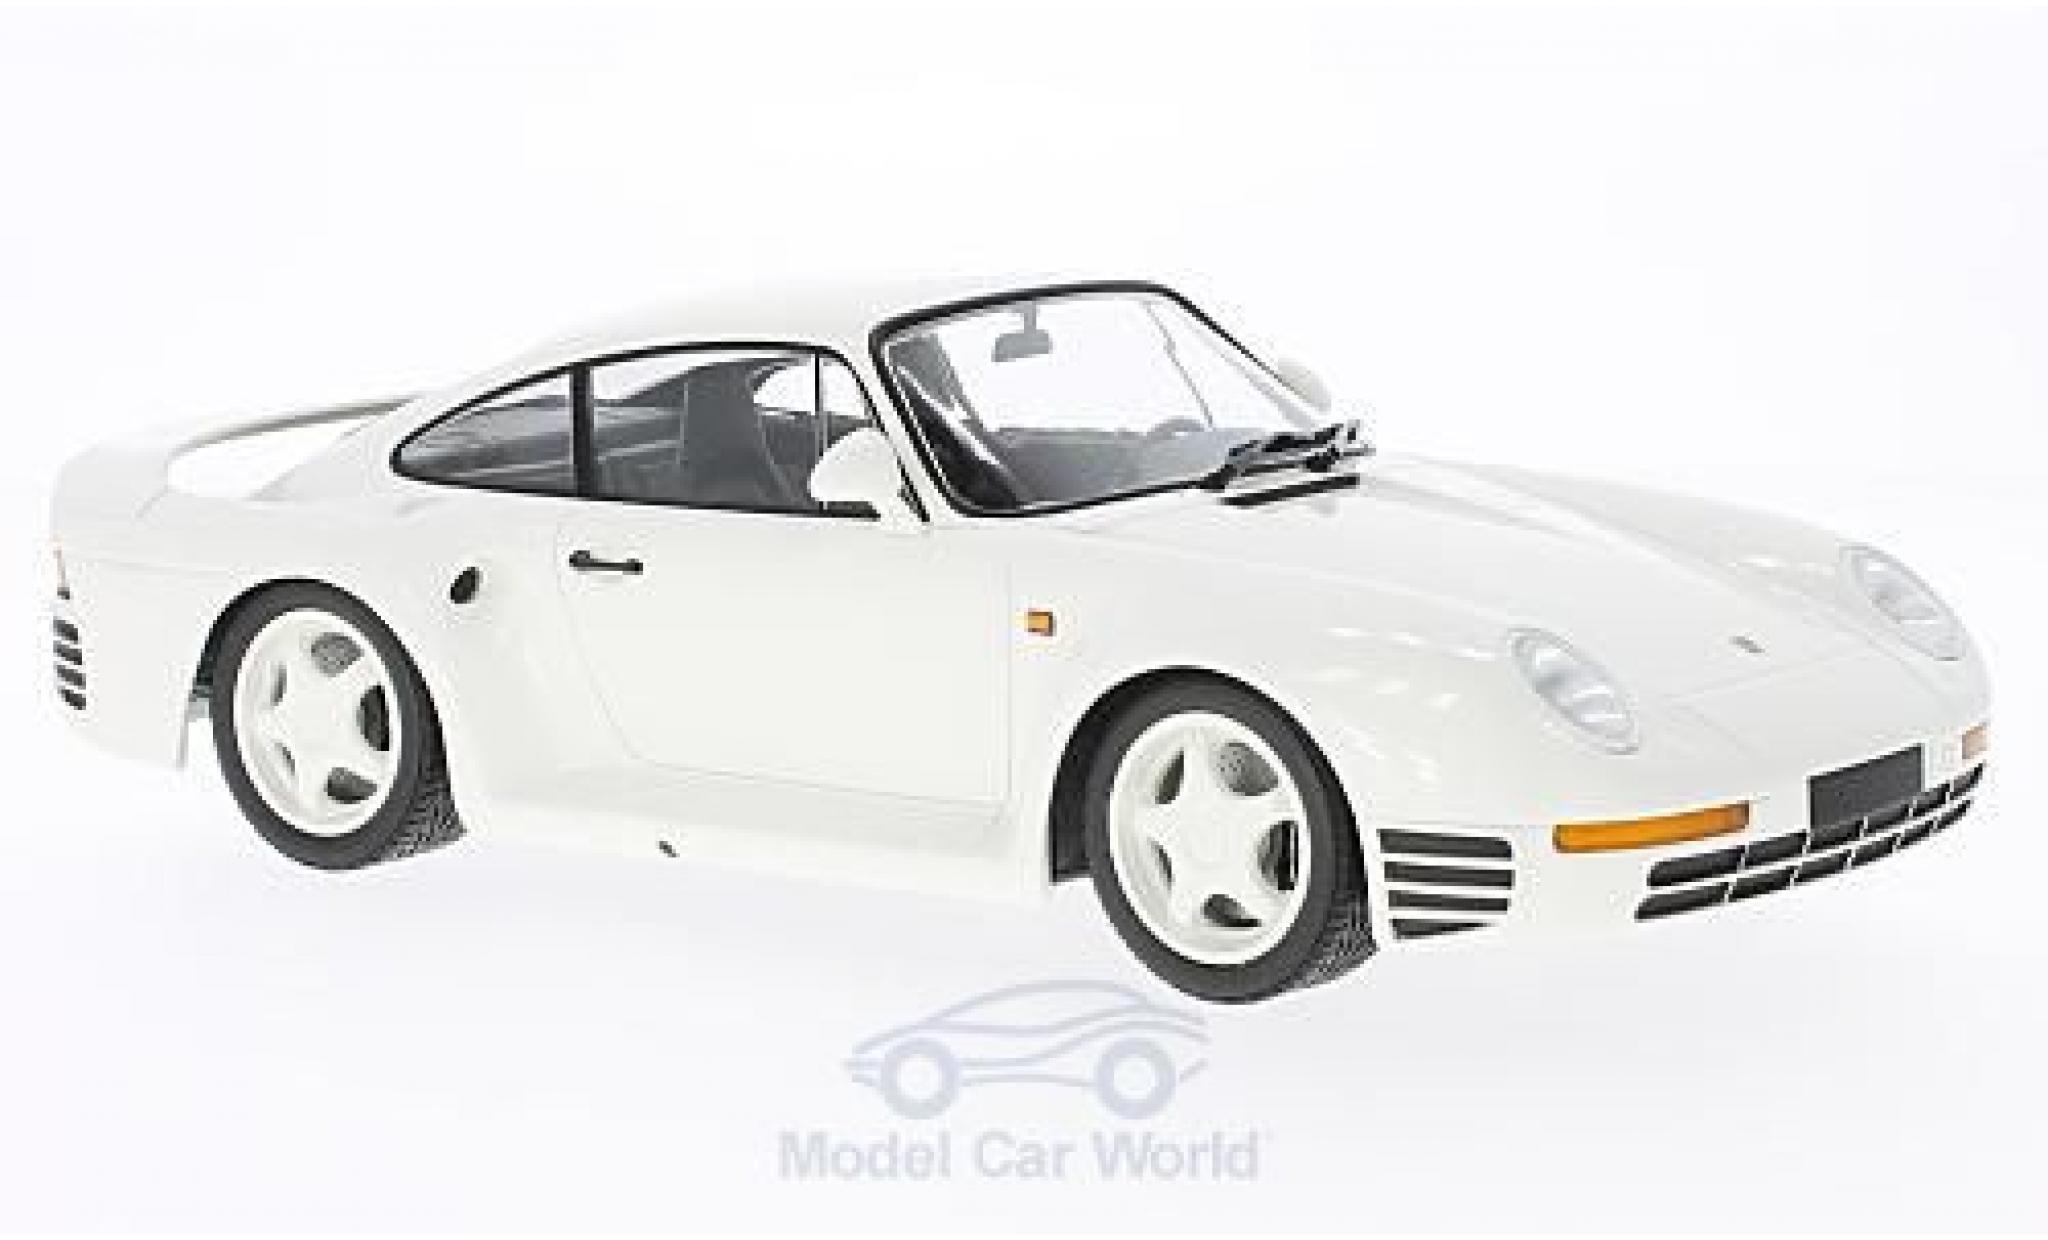 Porsche 959 1987 1/18 Minichamps white